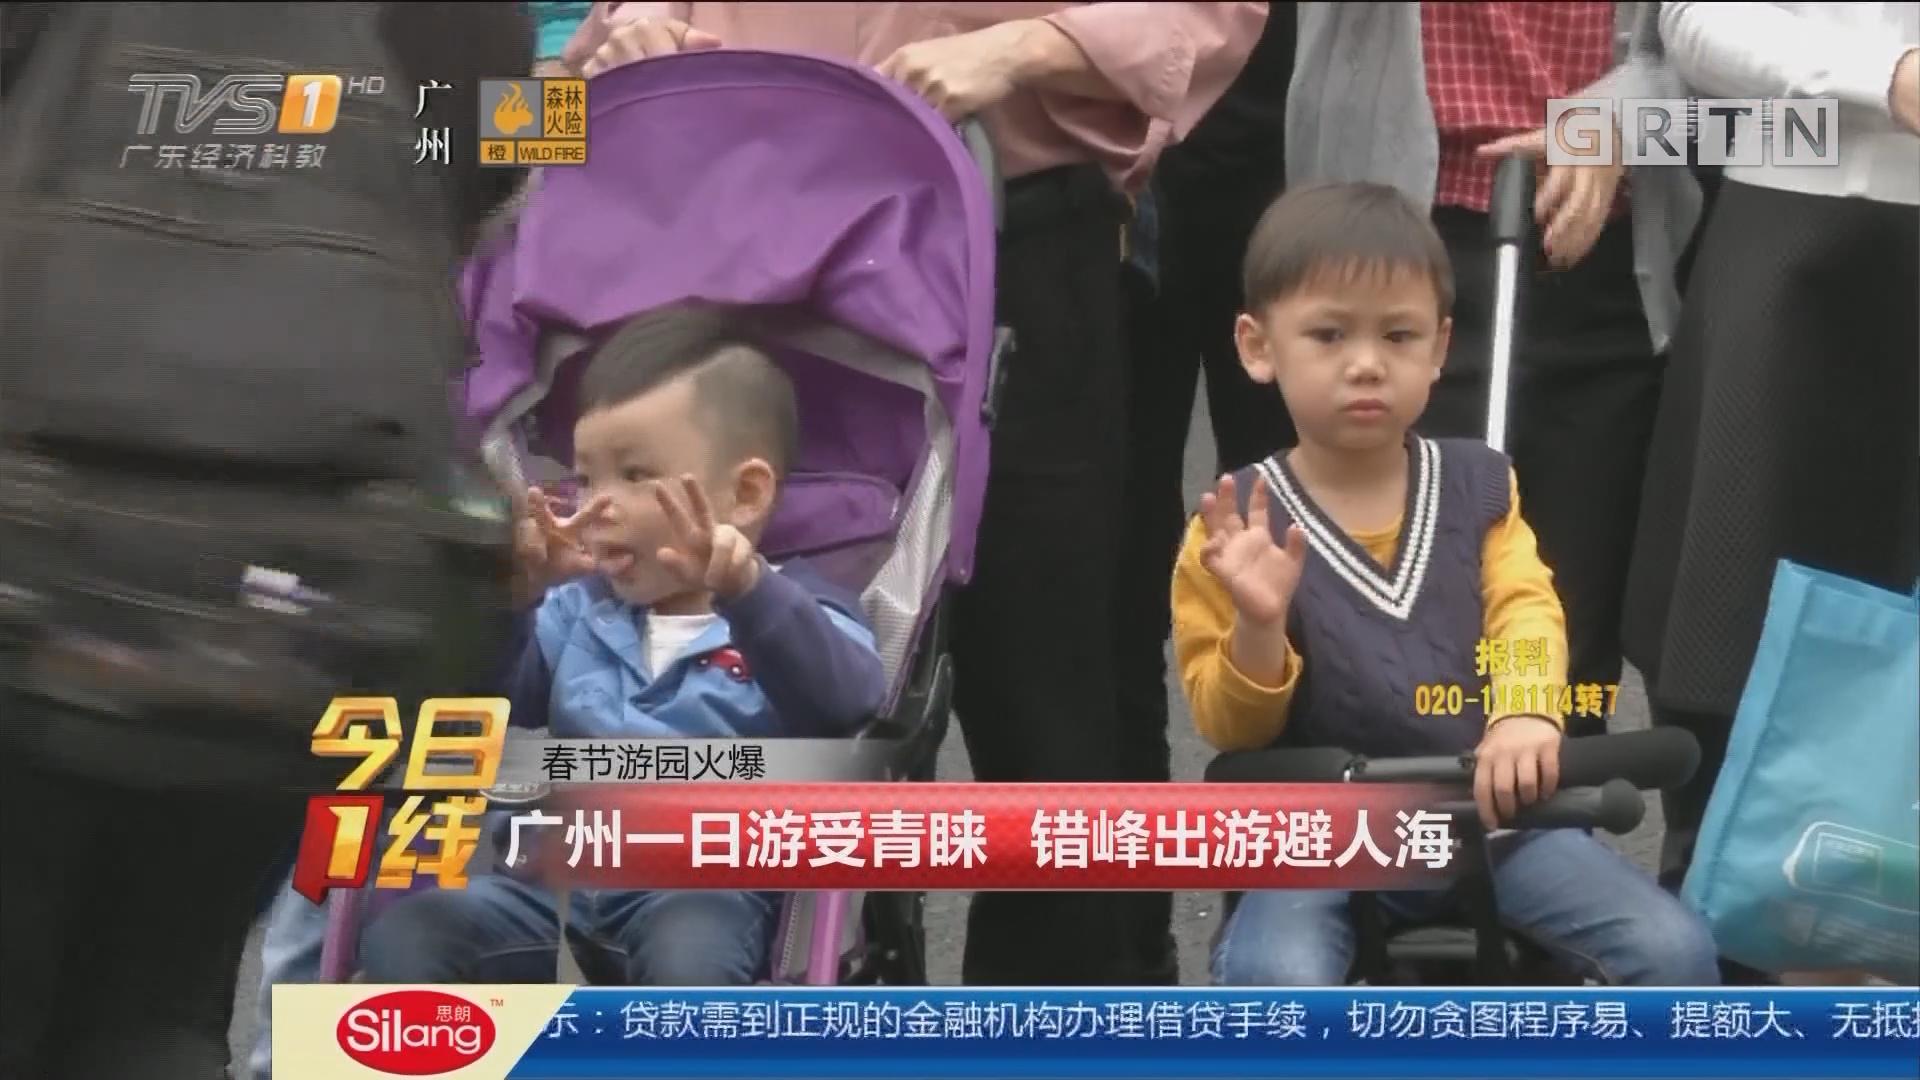 春节游园火爆:广州一日游受青睐 错峰出游避人海